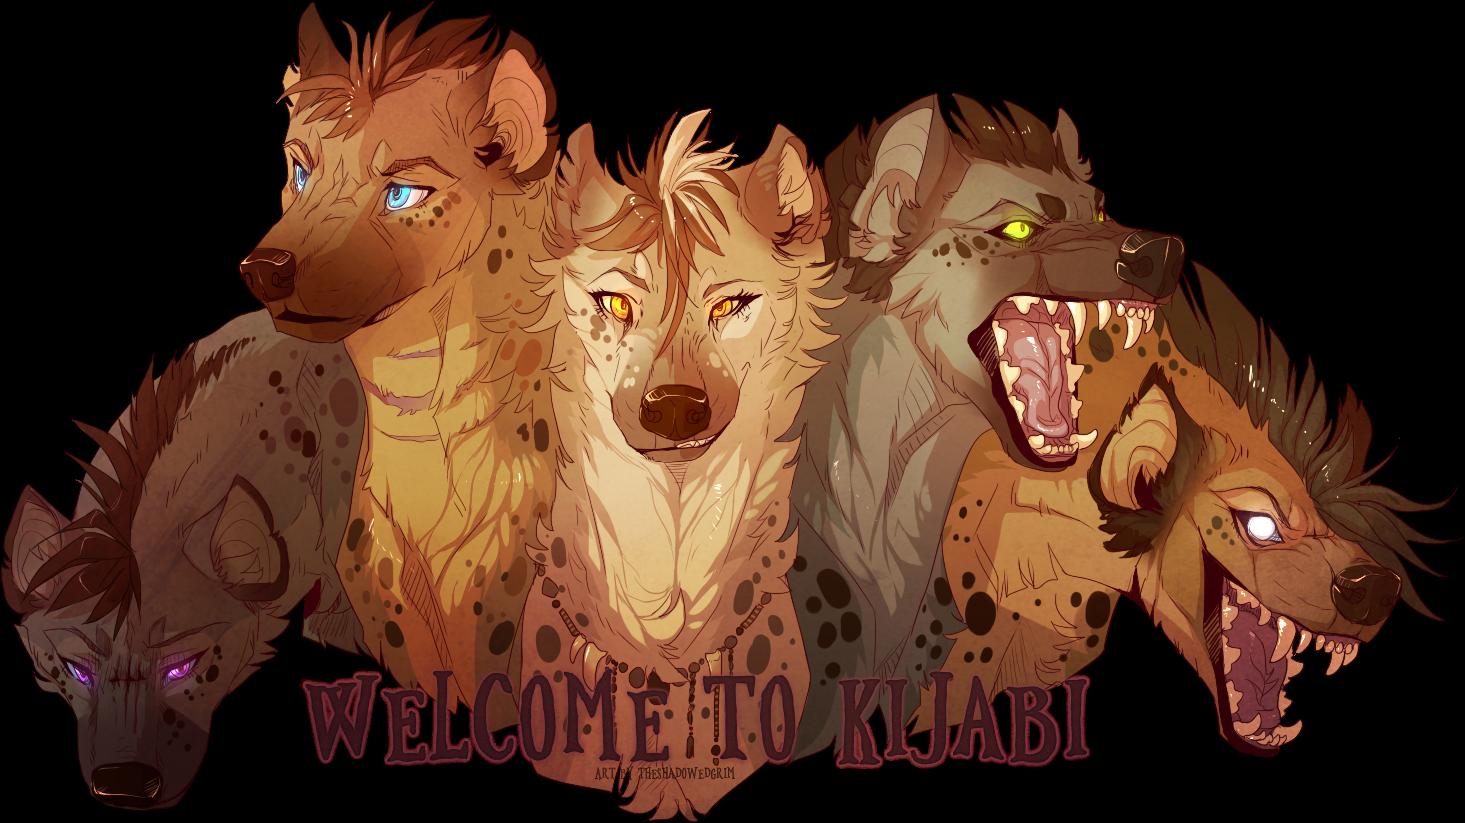 Kijabi deviantart is a. Clipart lion hyena